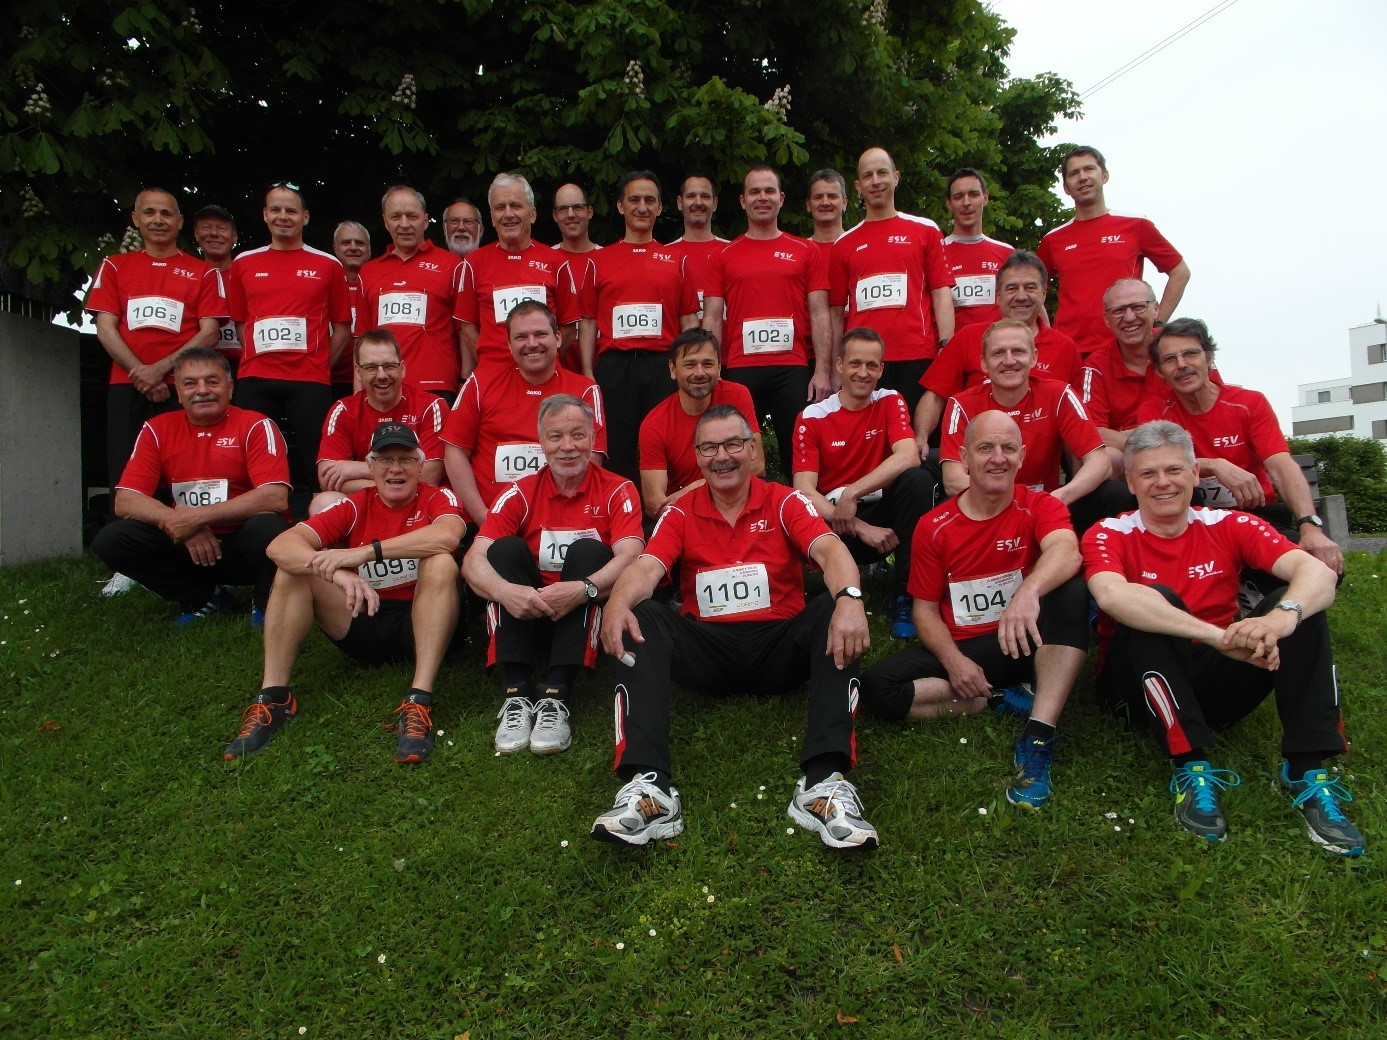 Zwei Podestplätze und starke Leistungen am Männerturntag 2019 in Rothenburg